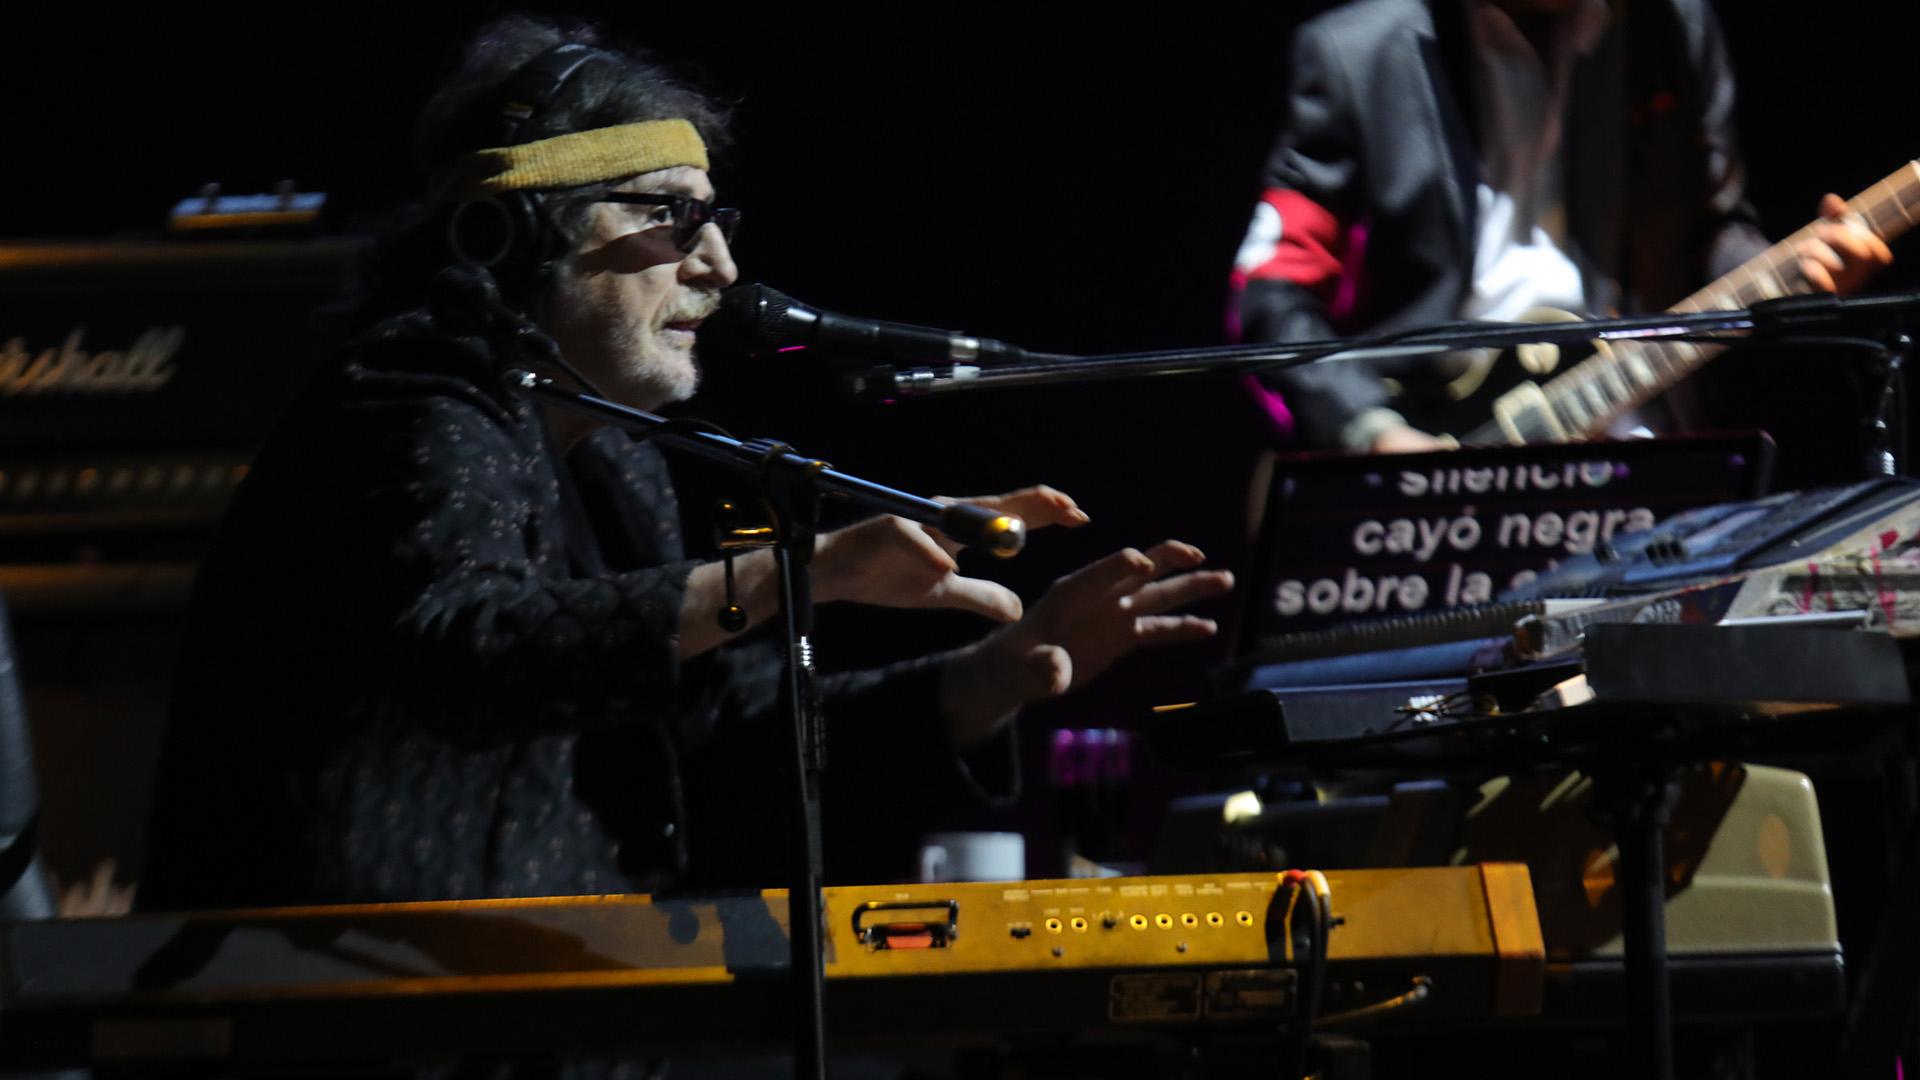 Charly García volvió alGran Rex tras su última presentación de diciembre pasado en el mismo escenario (Fotos: Christian Bochichio)